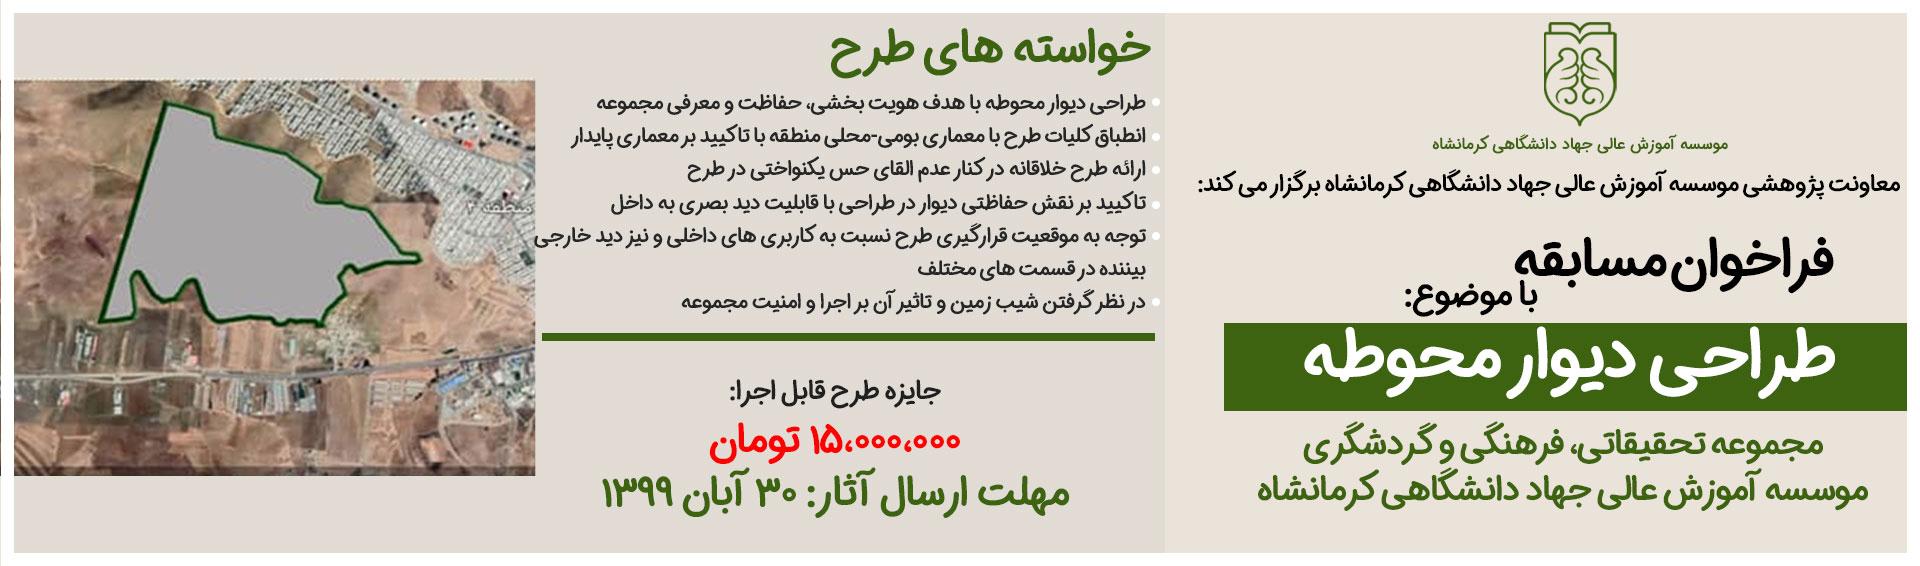 فراخوان مسابقه طراحی دیوار محوطه مجموعه تحقیقاتی، فرهنگی و گردشگری موسسه آموزش عالی جهاد دانشگاهی کرمانشاه